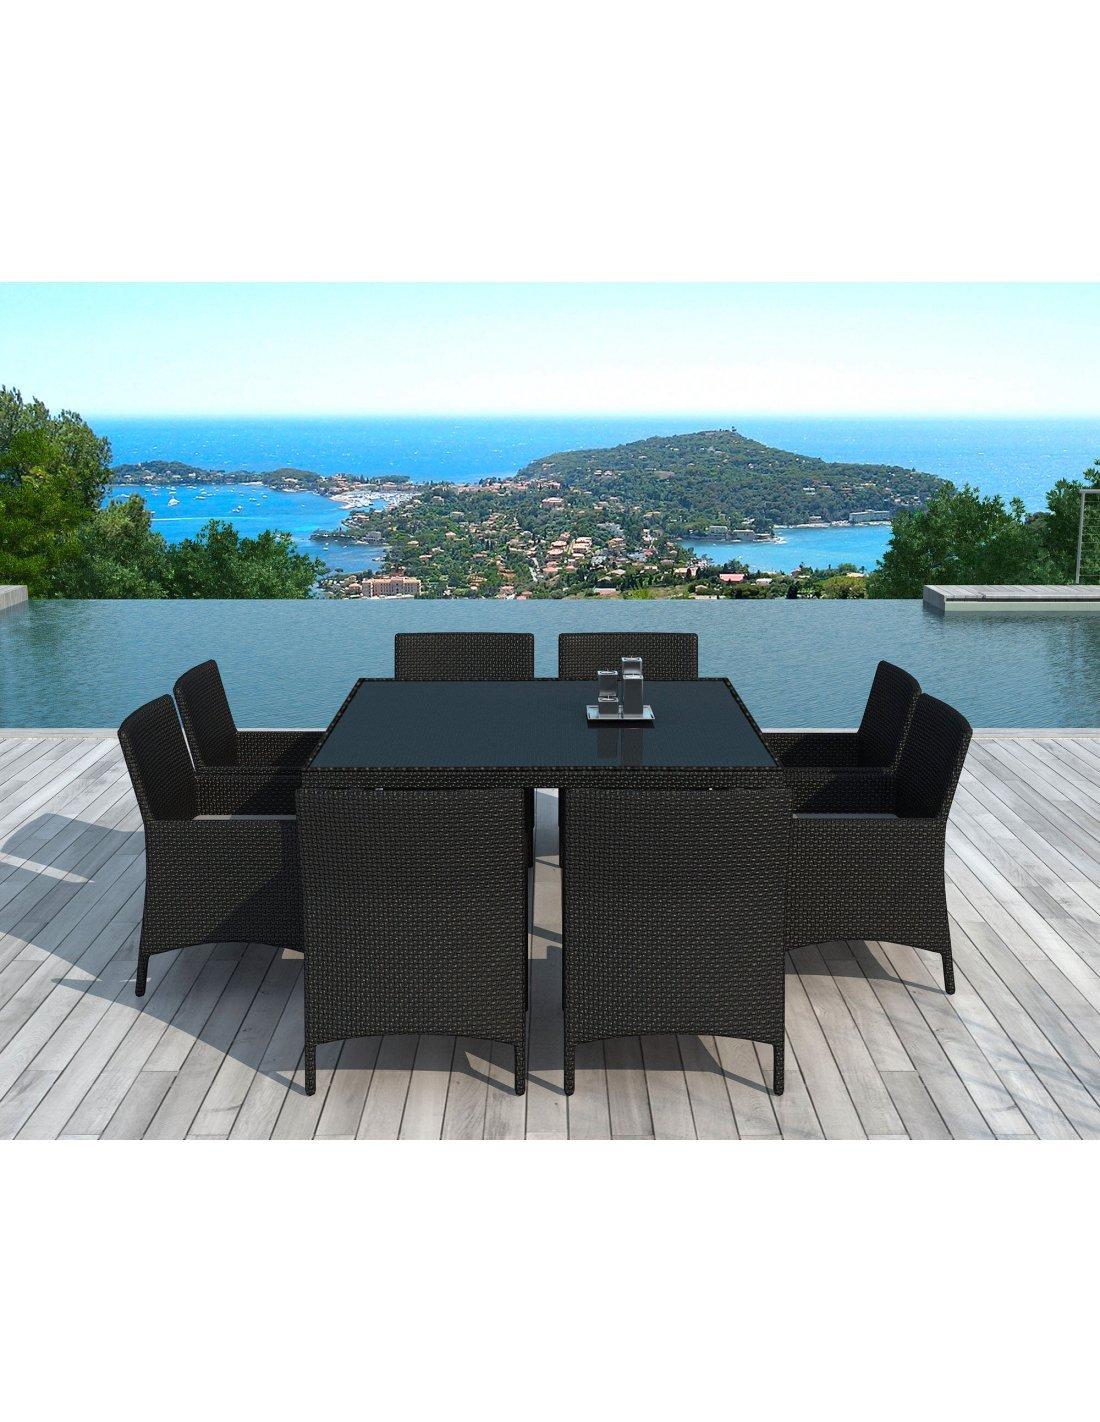 x8 Chaises + table de Jardin SD8216 Résine Tressée | Delorm | Noir